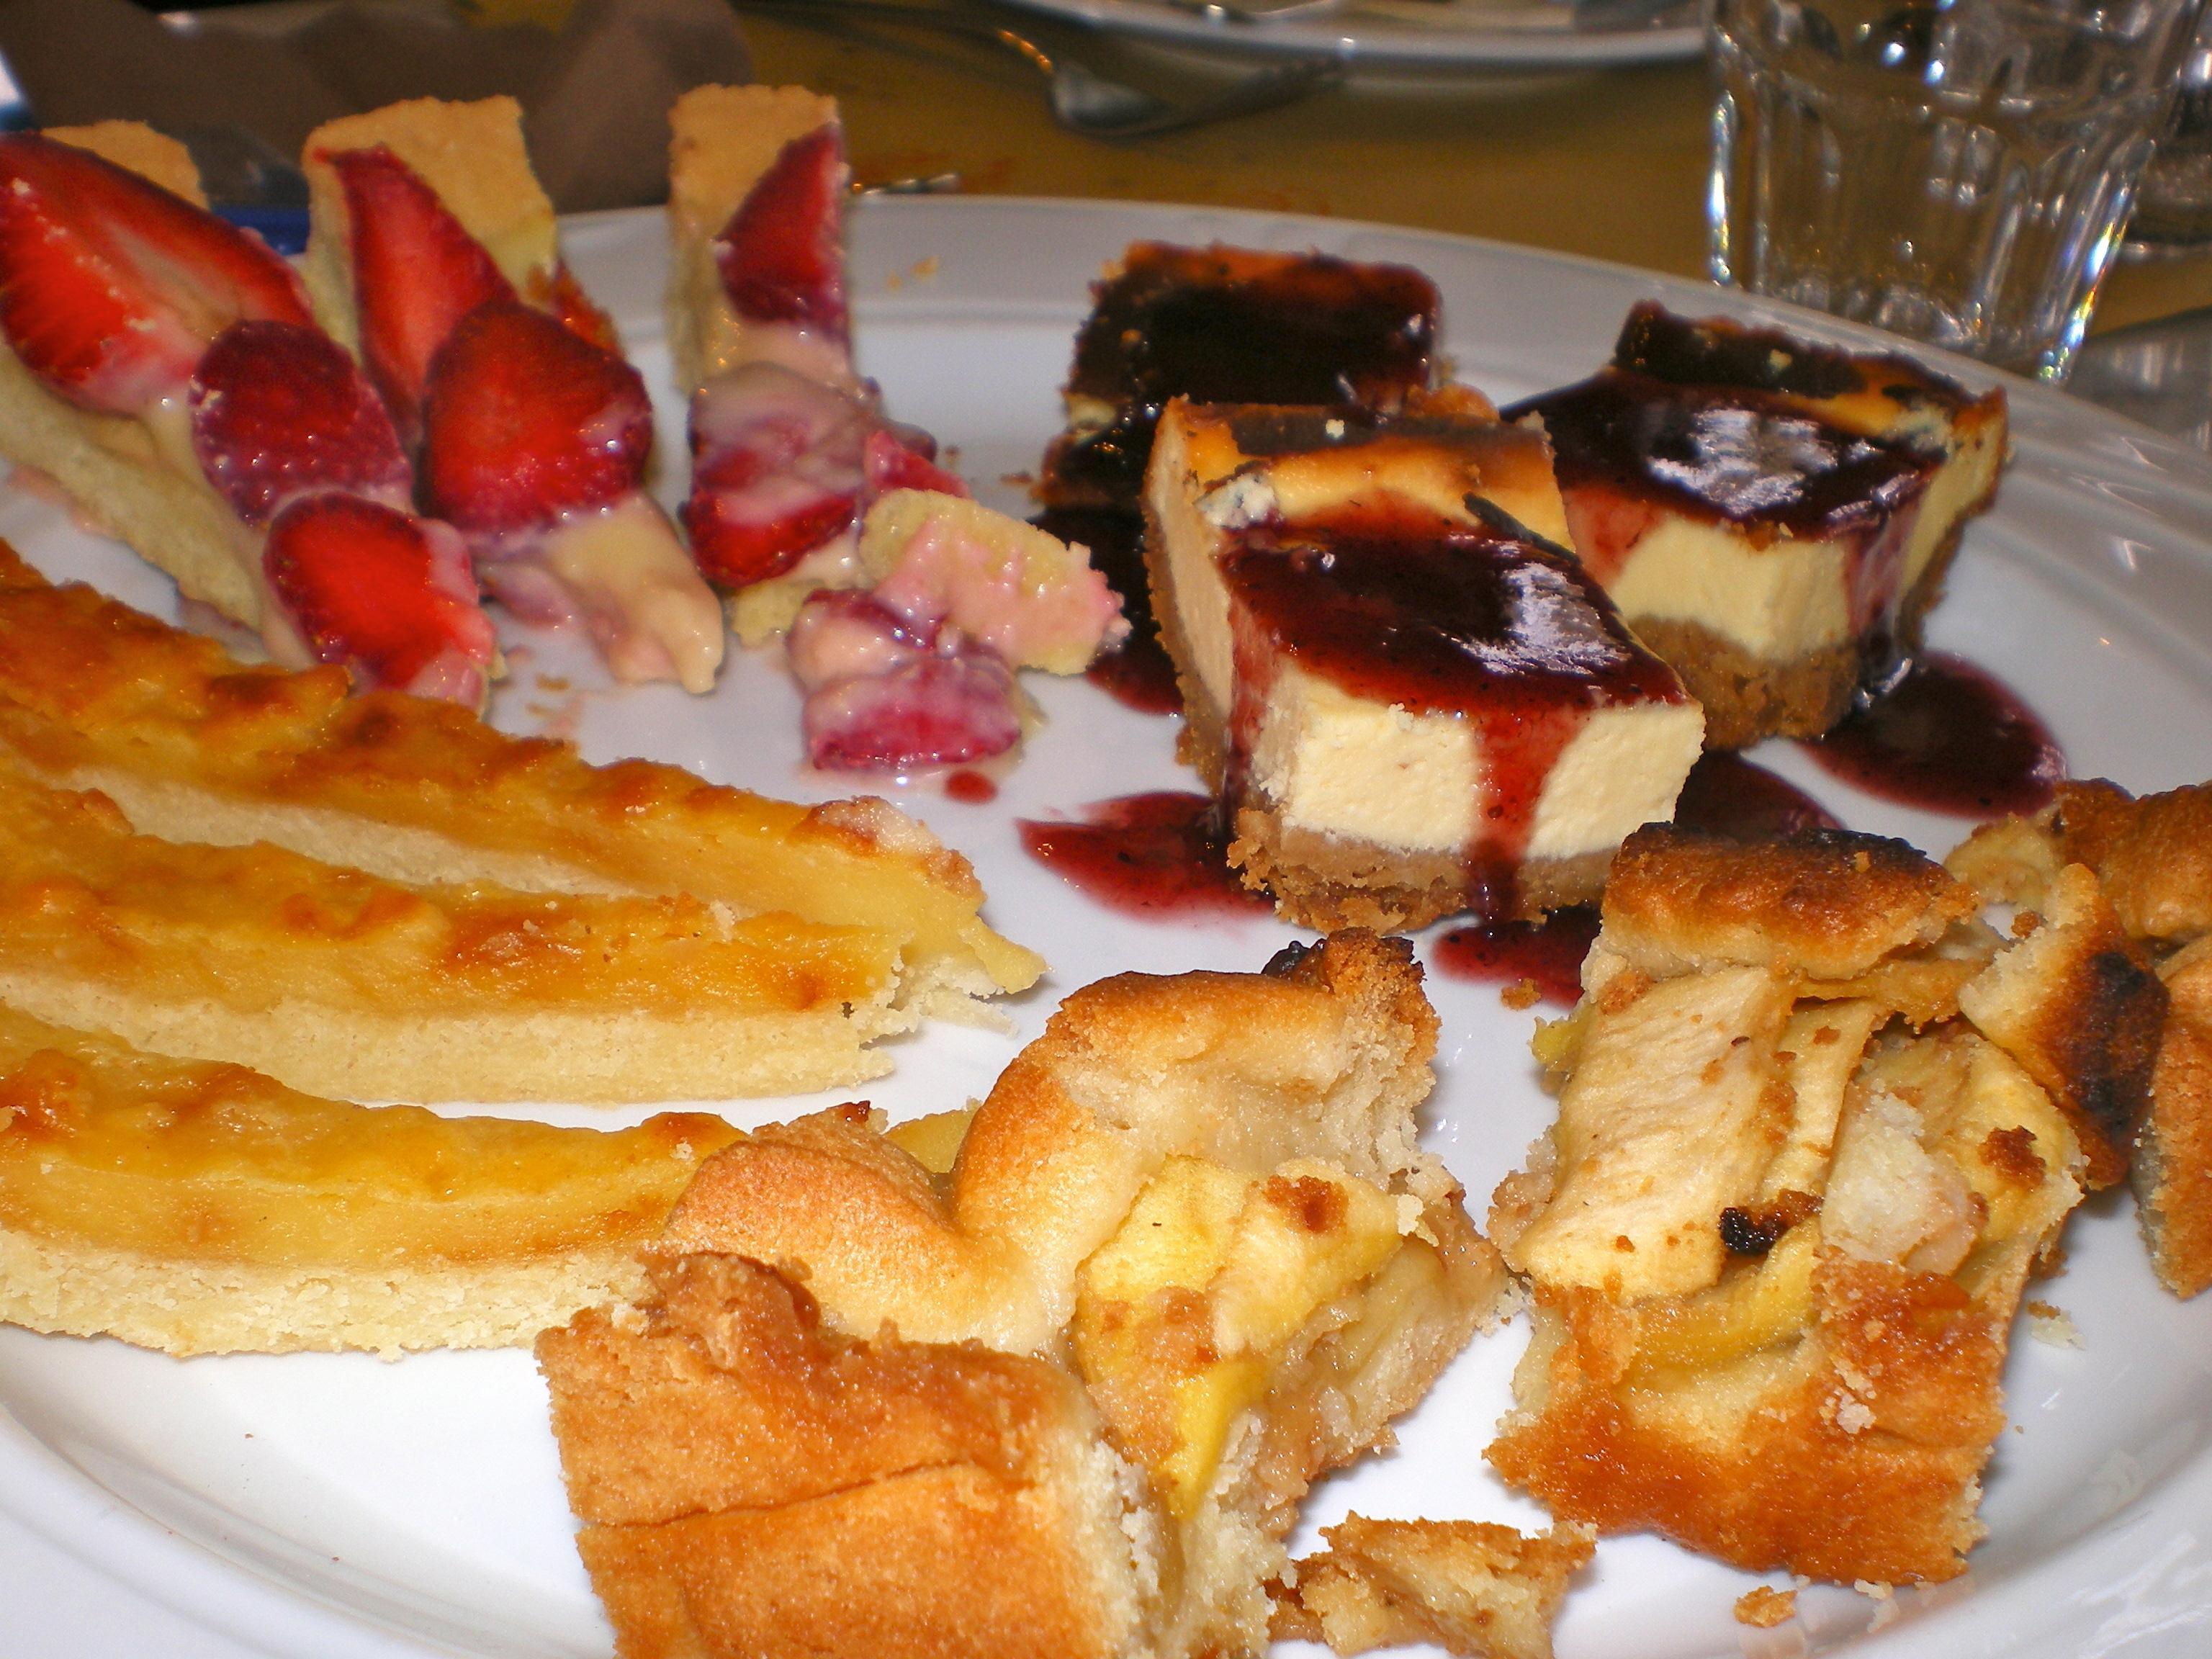 I dolci fatti in casa famose ricette da tutto il mondo - Faretti in casa ...